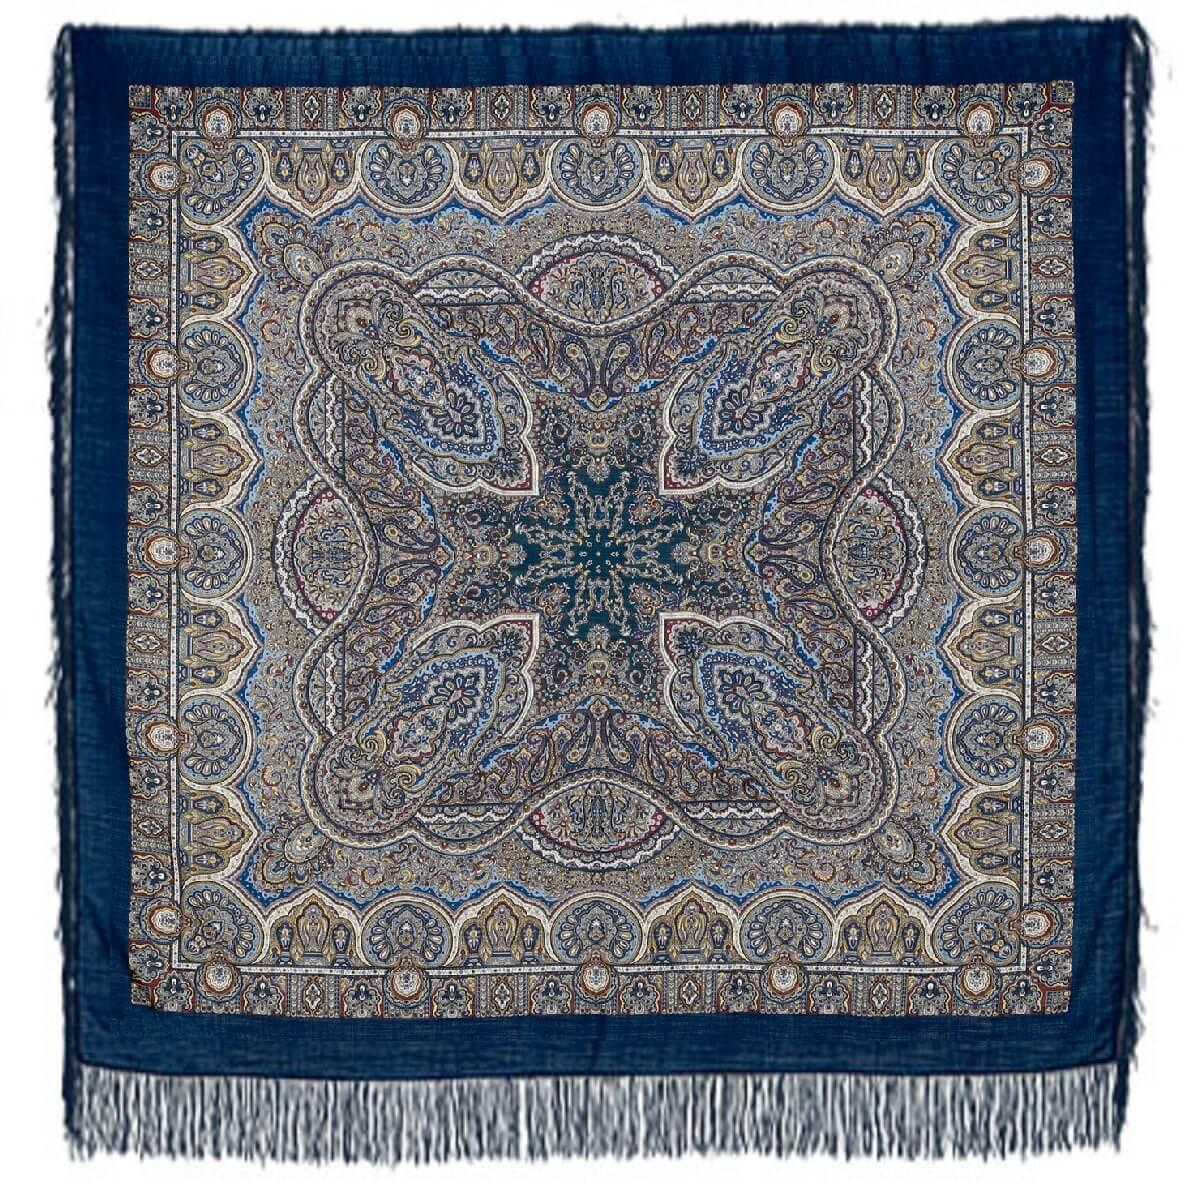 Павлопосадский платок Ларец самоцветный 762-5 (146х146 см)